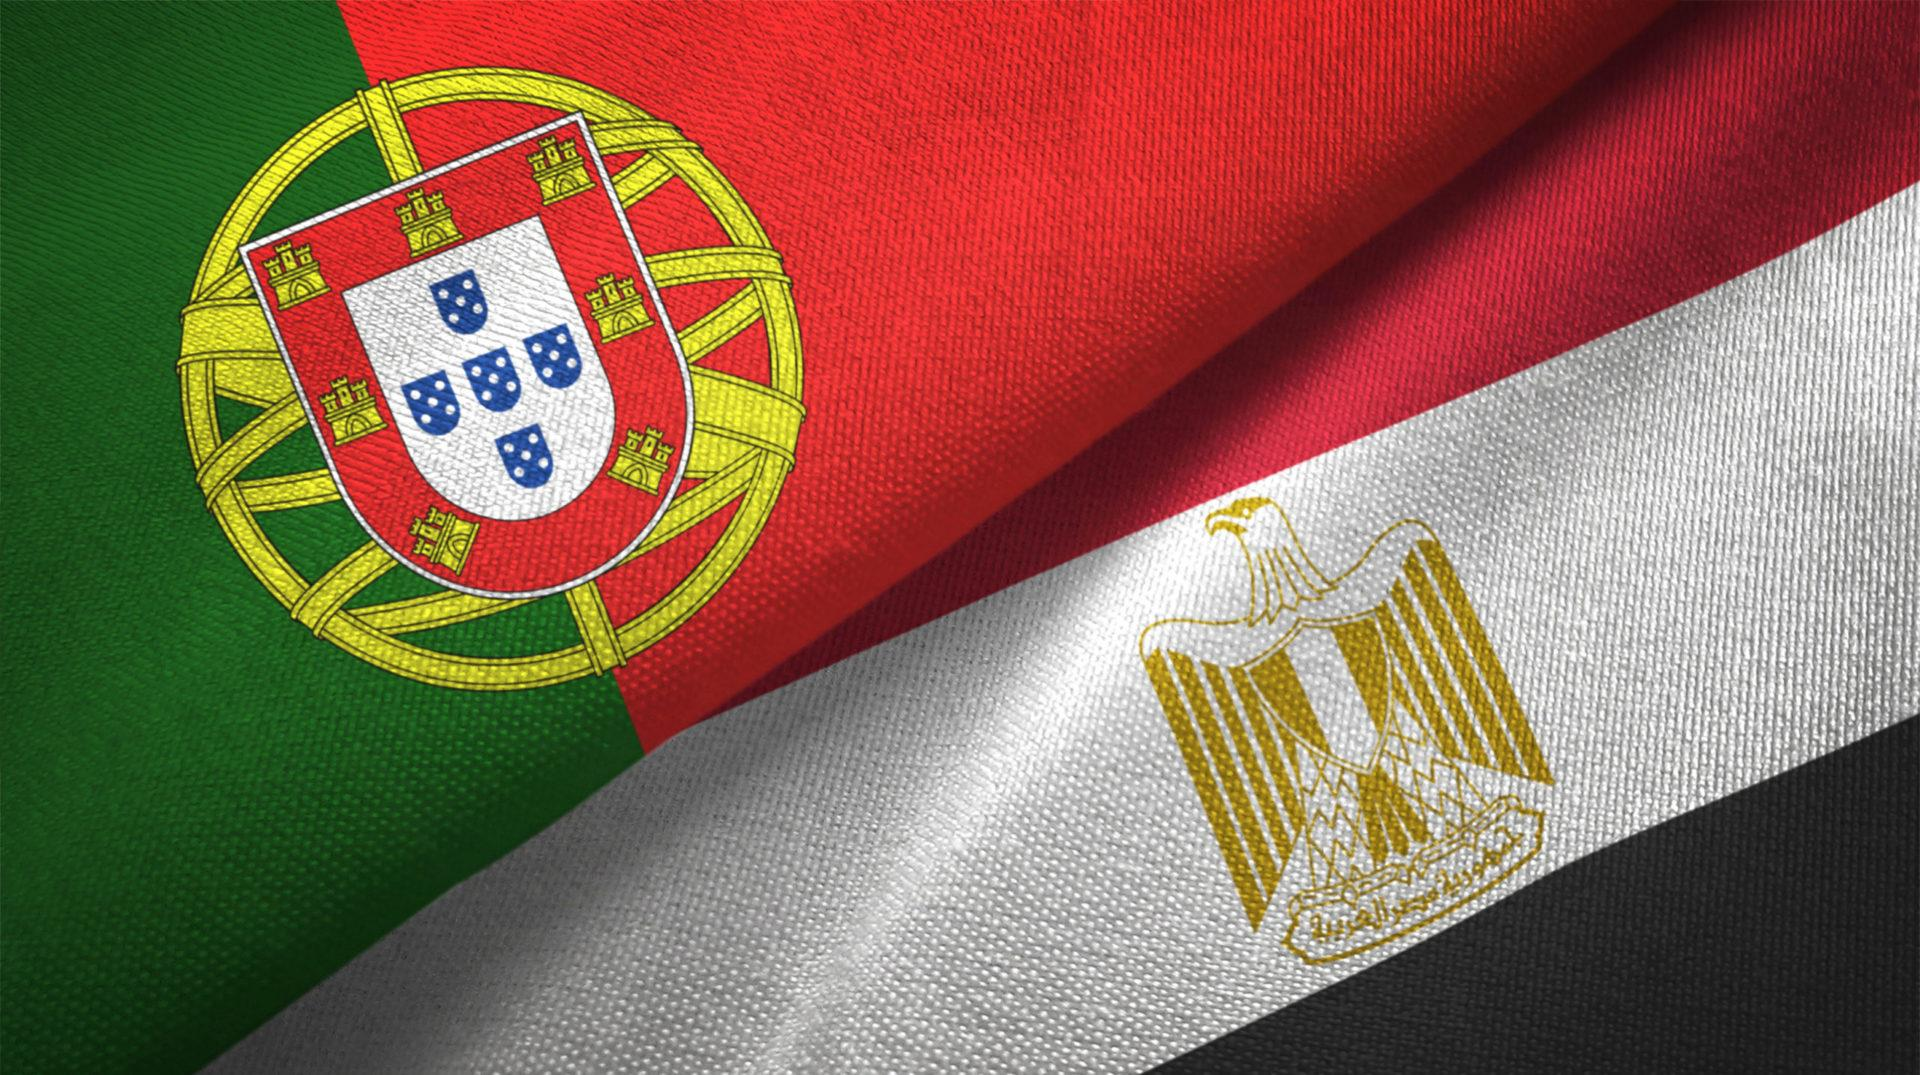 דרכון פורטוגלי ליוצאי מצרים – מי זכאי?